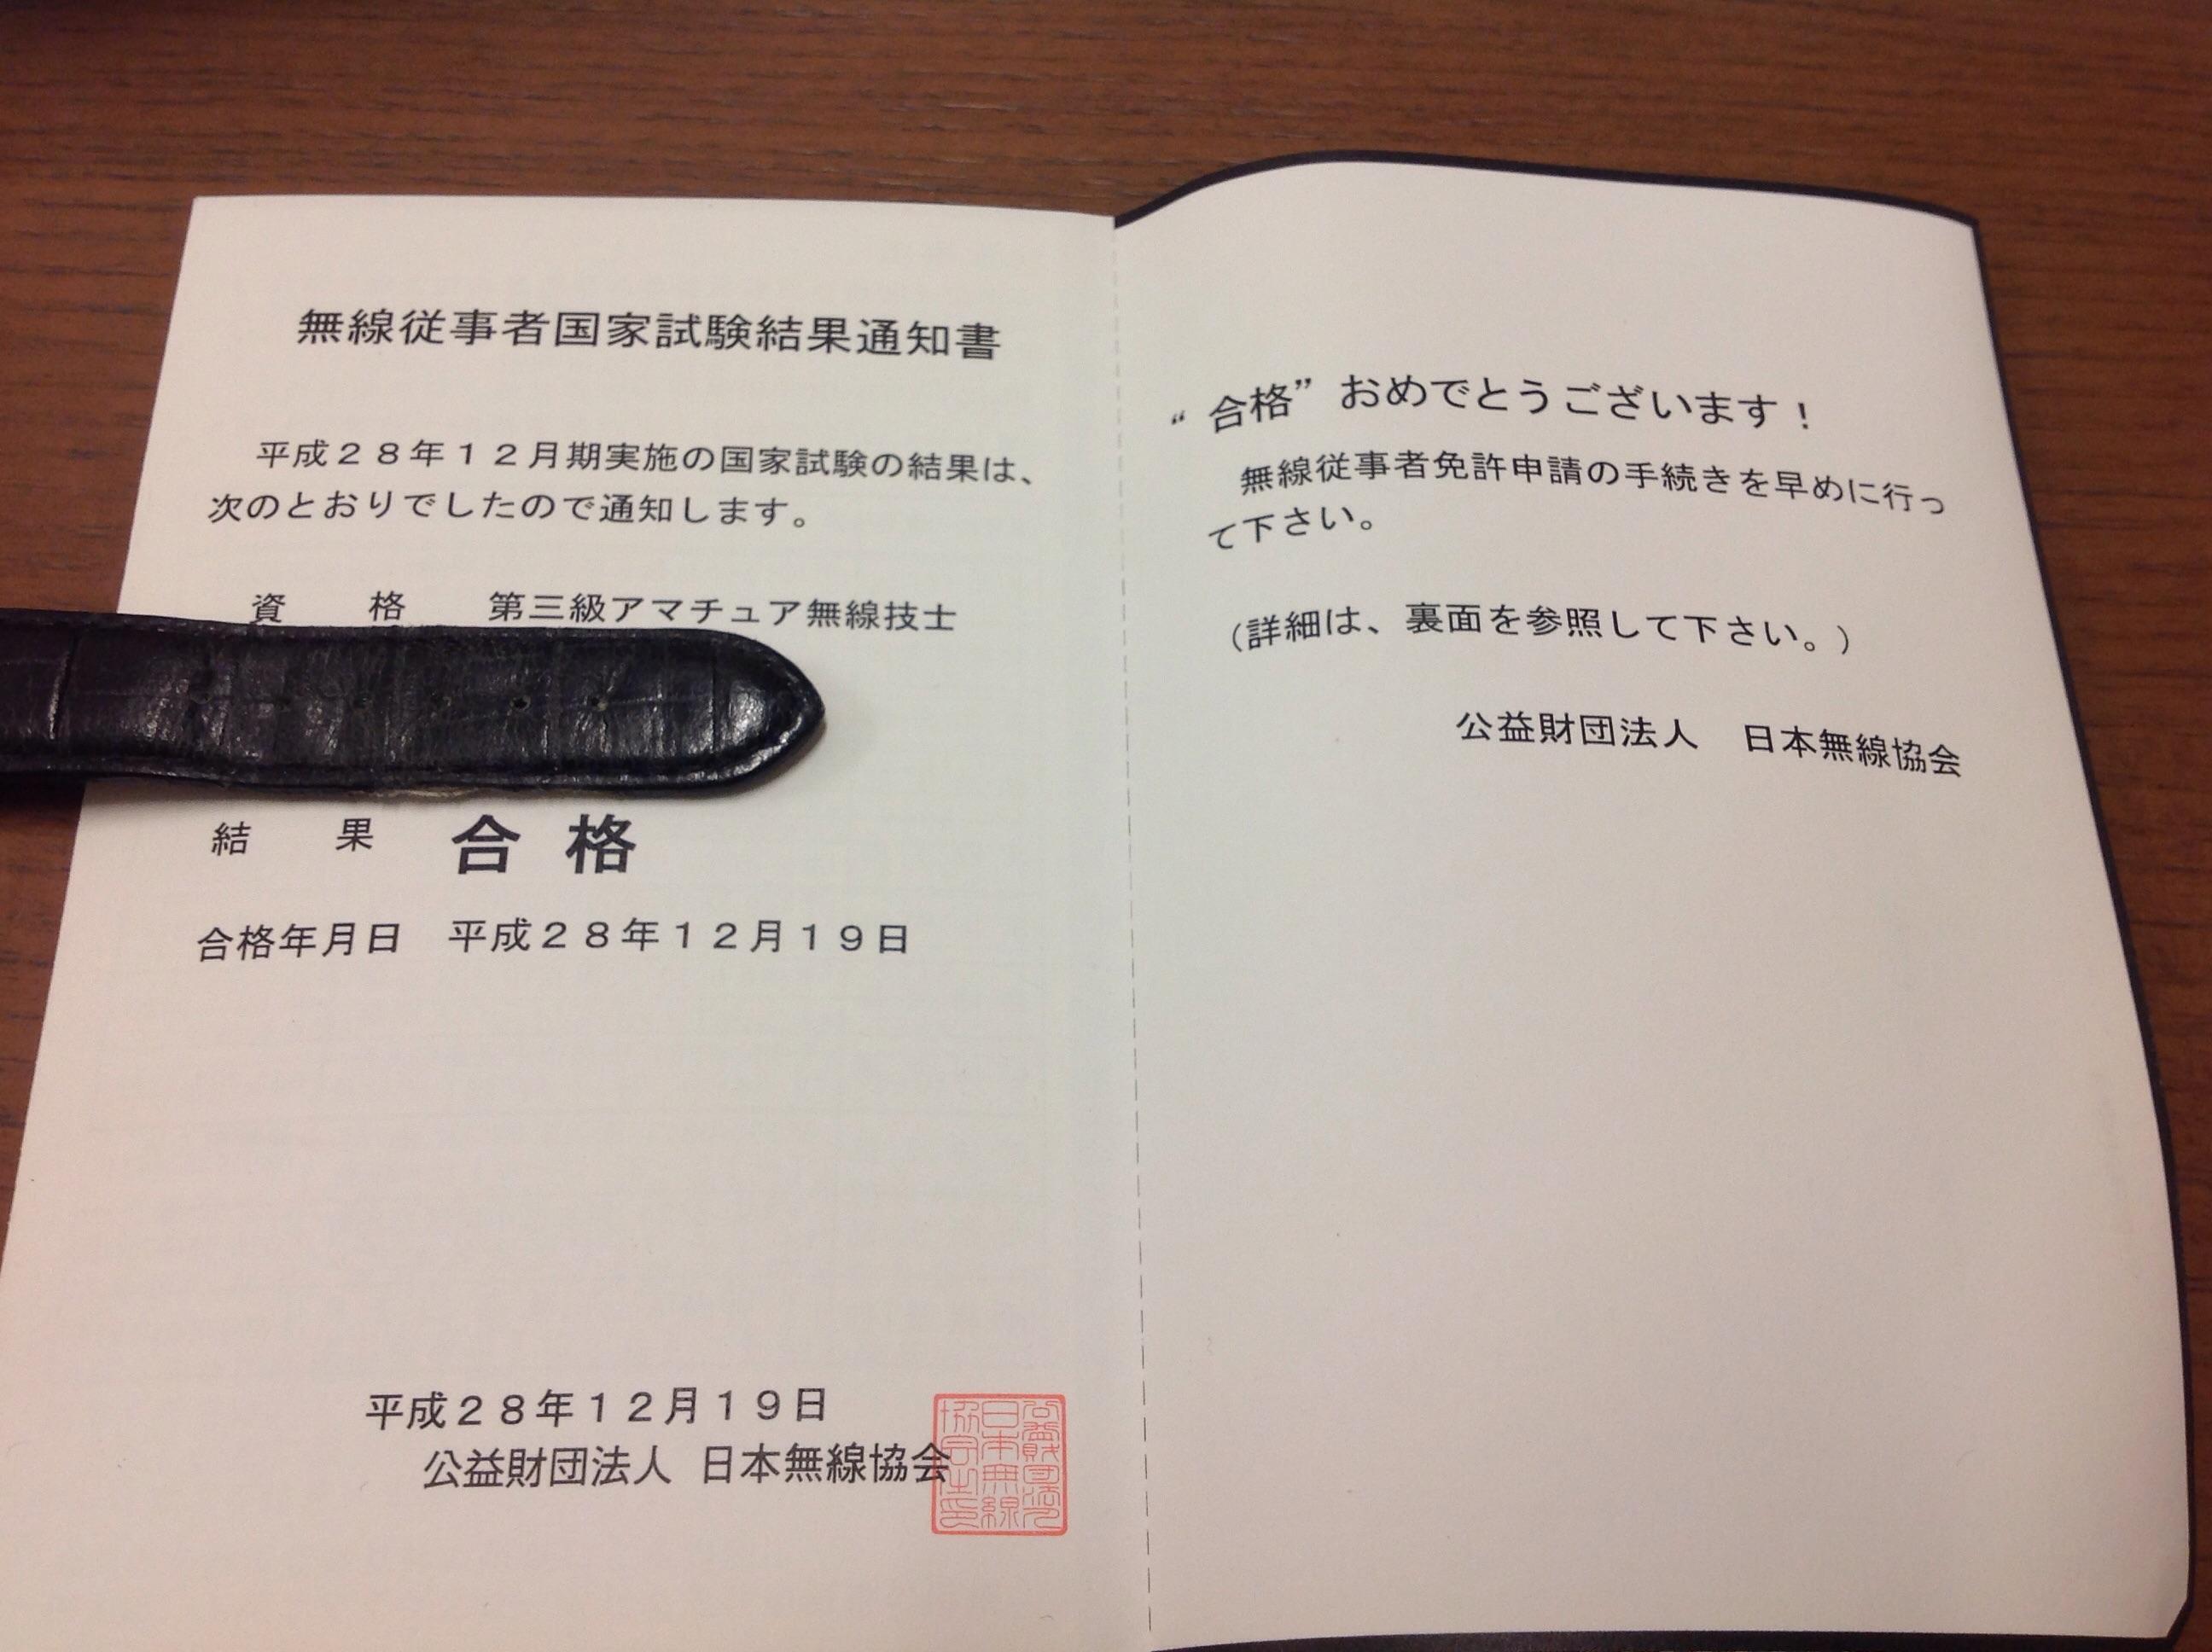 無線従事者免許証・アマチュア無線技士の免許証が格好いいと評判